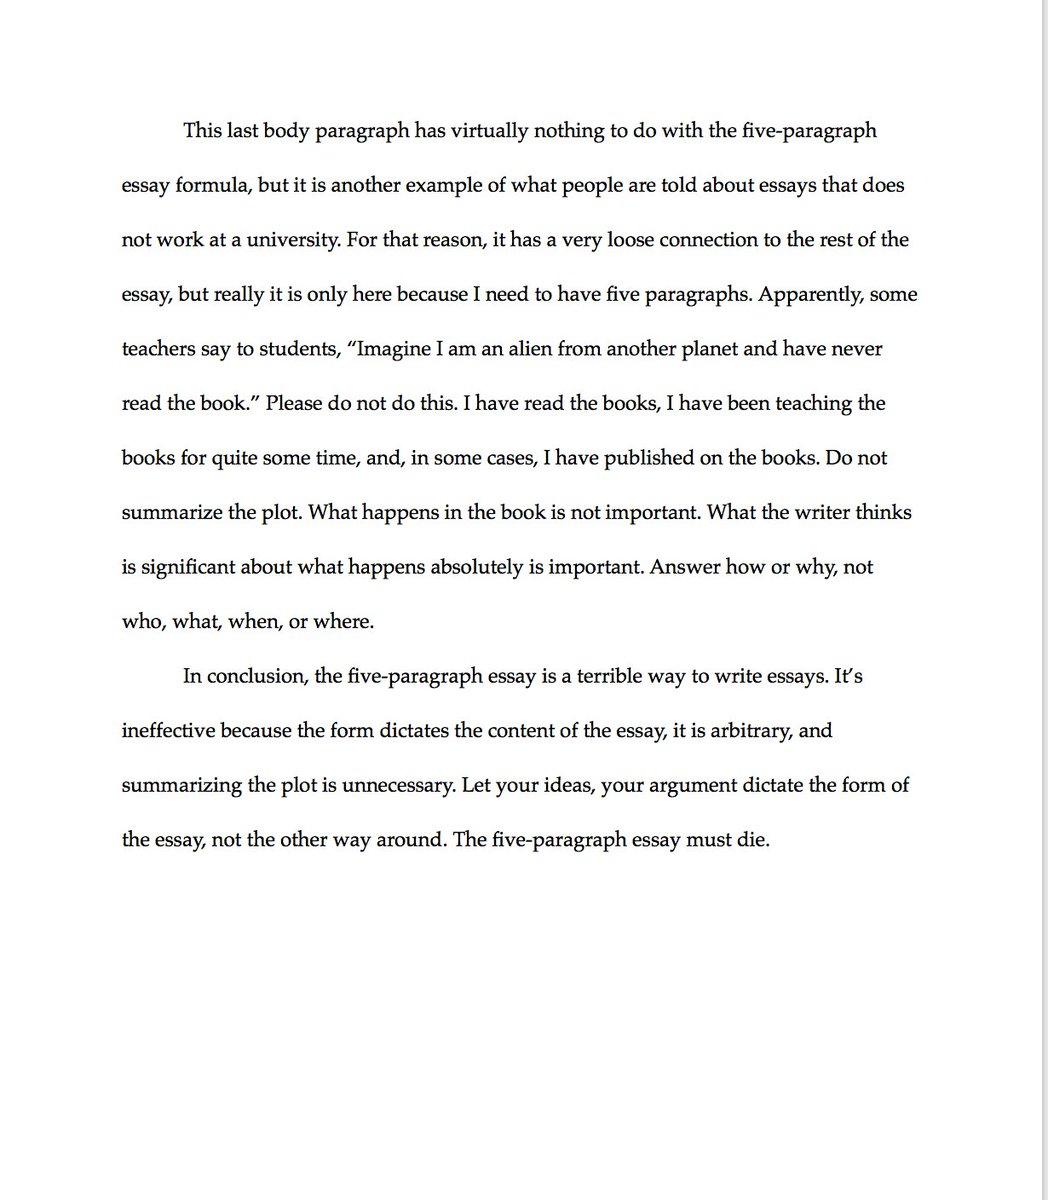 006 Paragraph Essay Example Exceptional 3 Persuasive Graphic Organizer Argumentative Examples Full